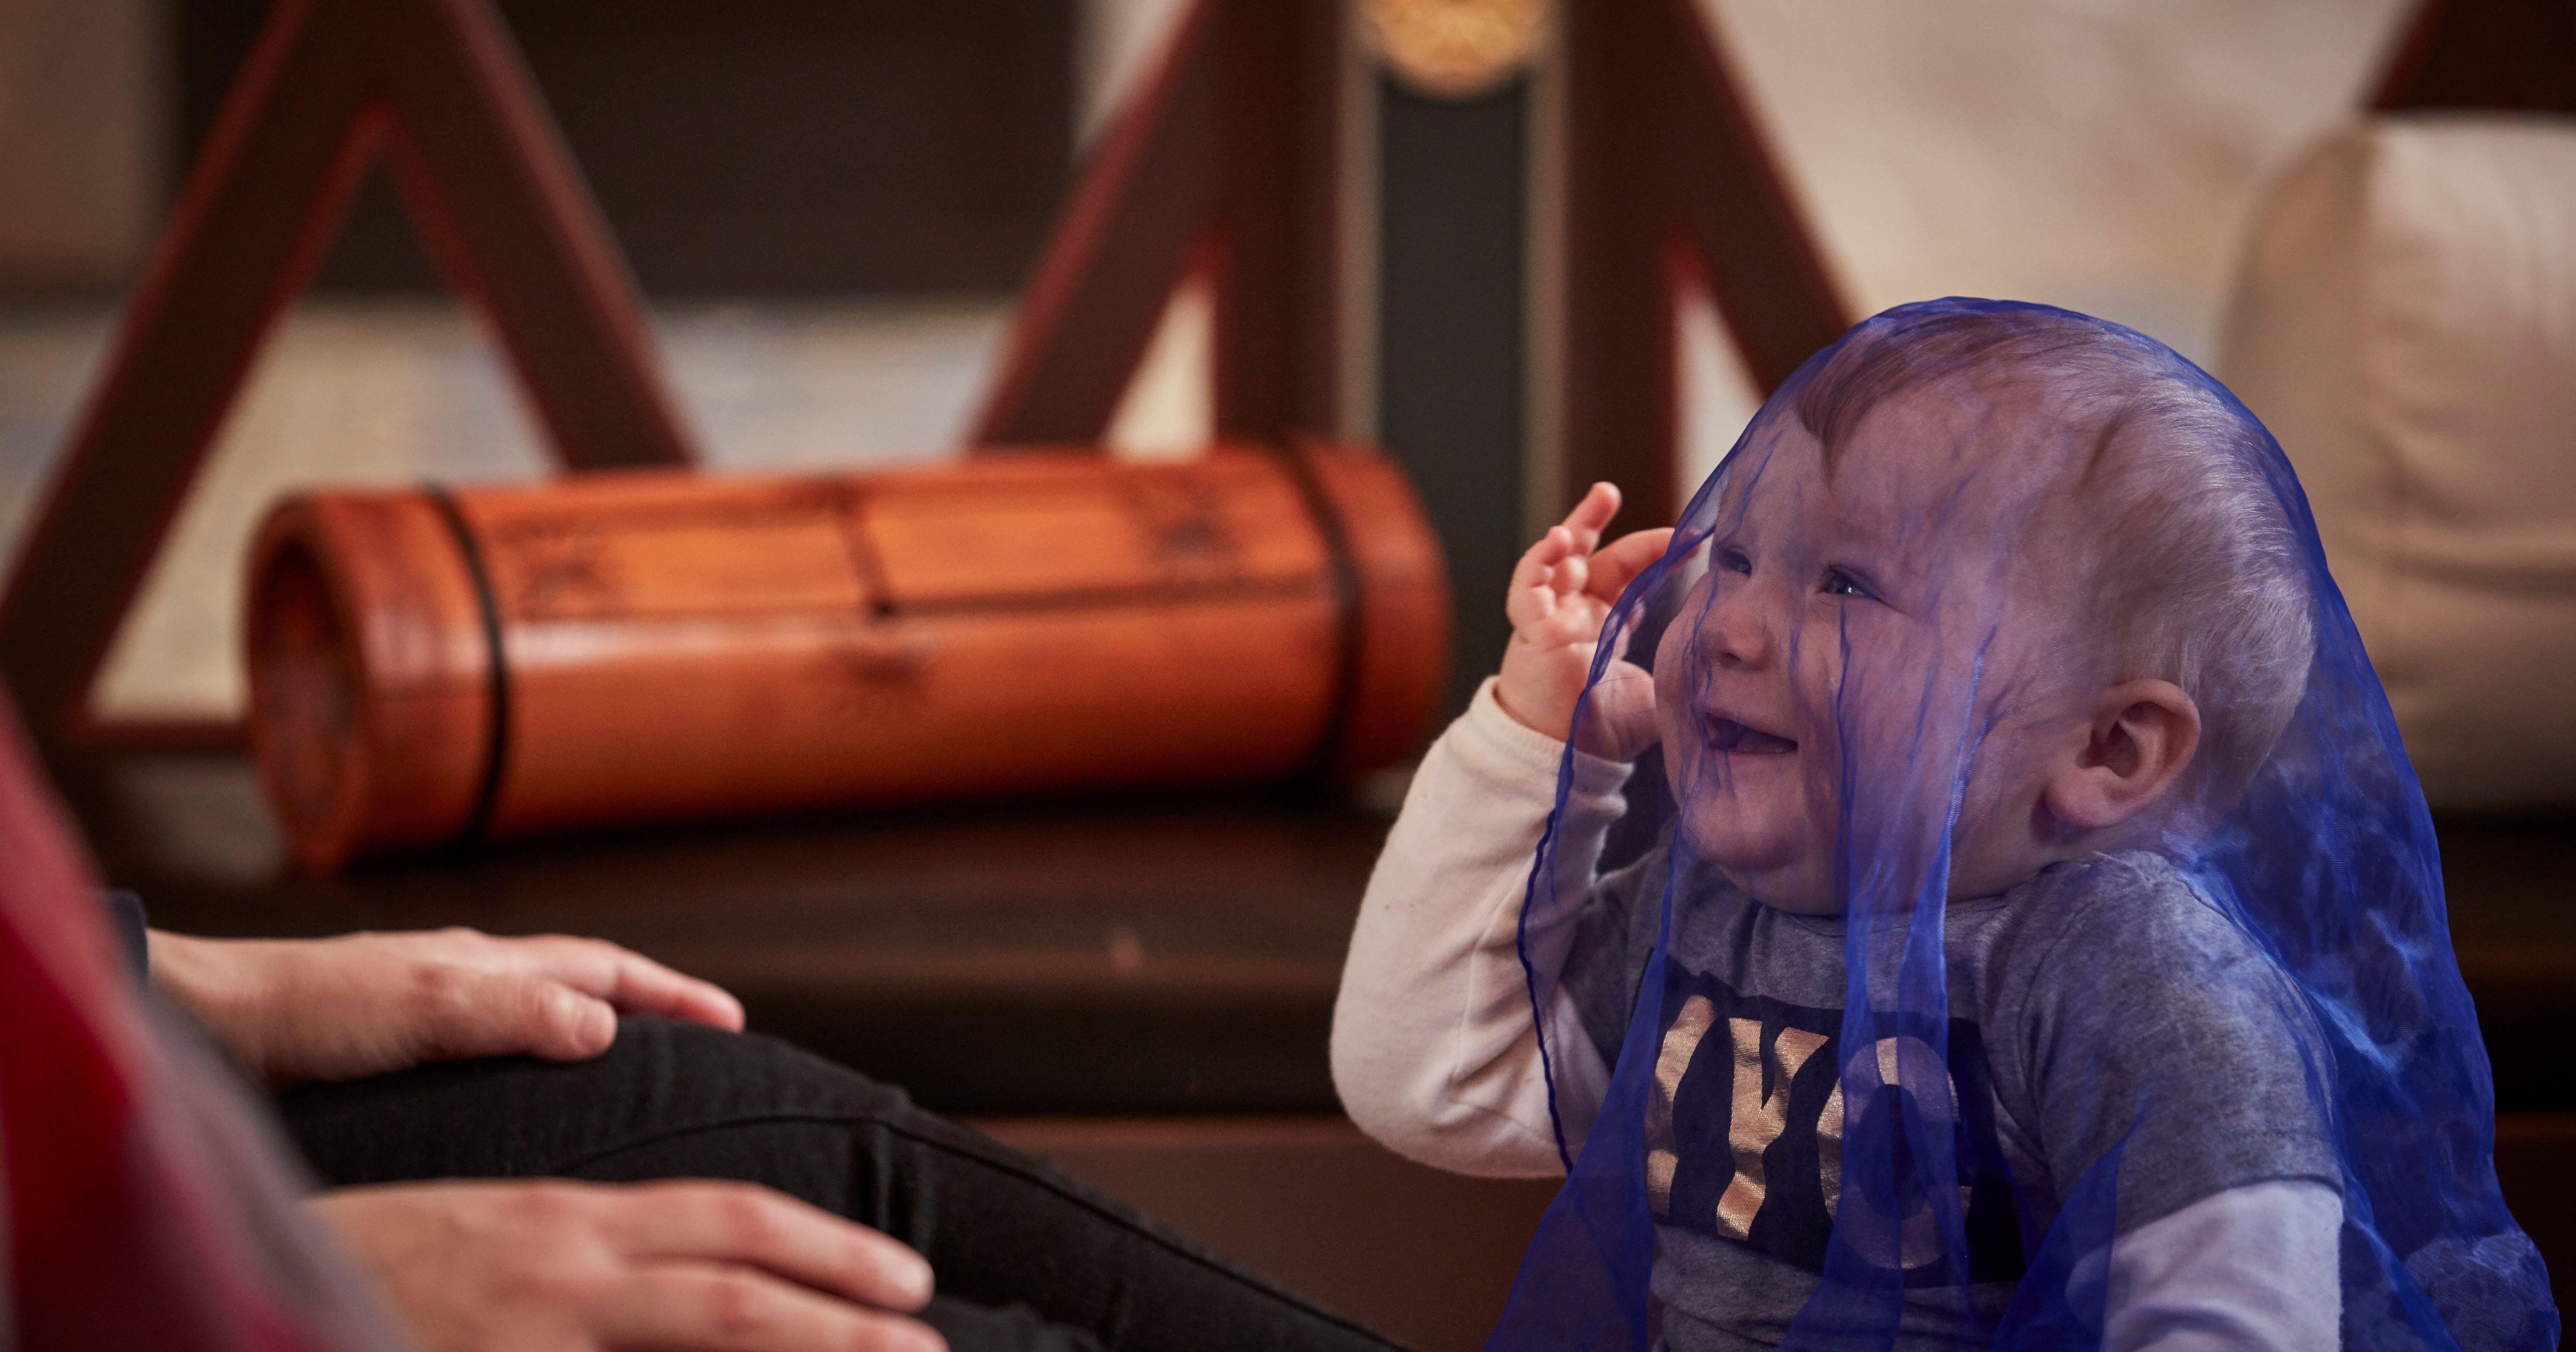 Baby med sansetørklæde